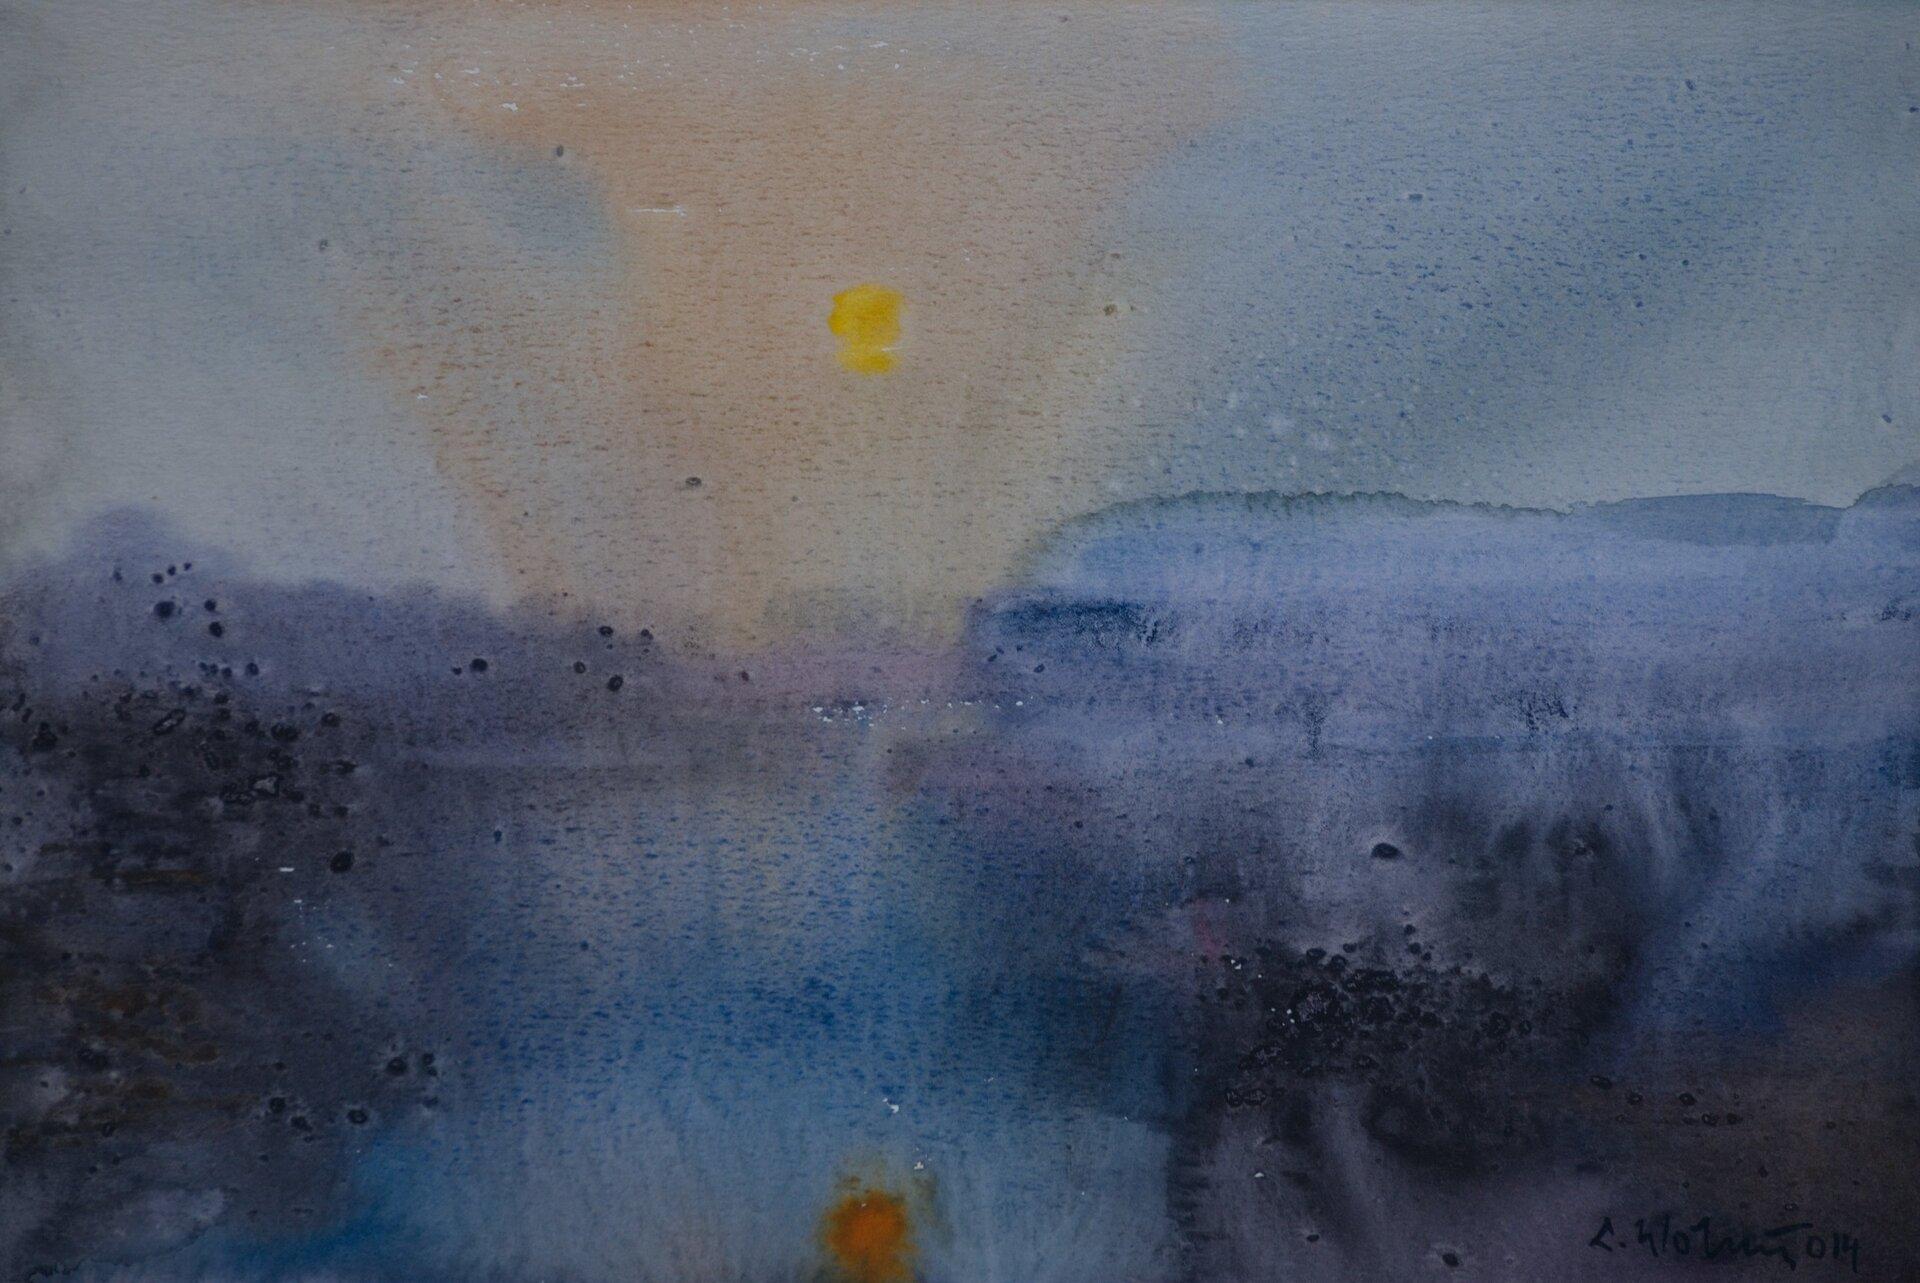 """Ilustracja przedstawia obraz Lecha Wolskiego """"Bez tytułu"""" namalowany akwarelą. Przedstawia rozmyty pejzaż ze słońcem odbijającym się wwodzie. Wpracy, powstałej przy użyciu miękkiej plamy, użyto kolorów: niebieskiego, granatowego iżółtego."""